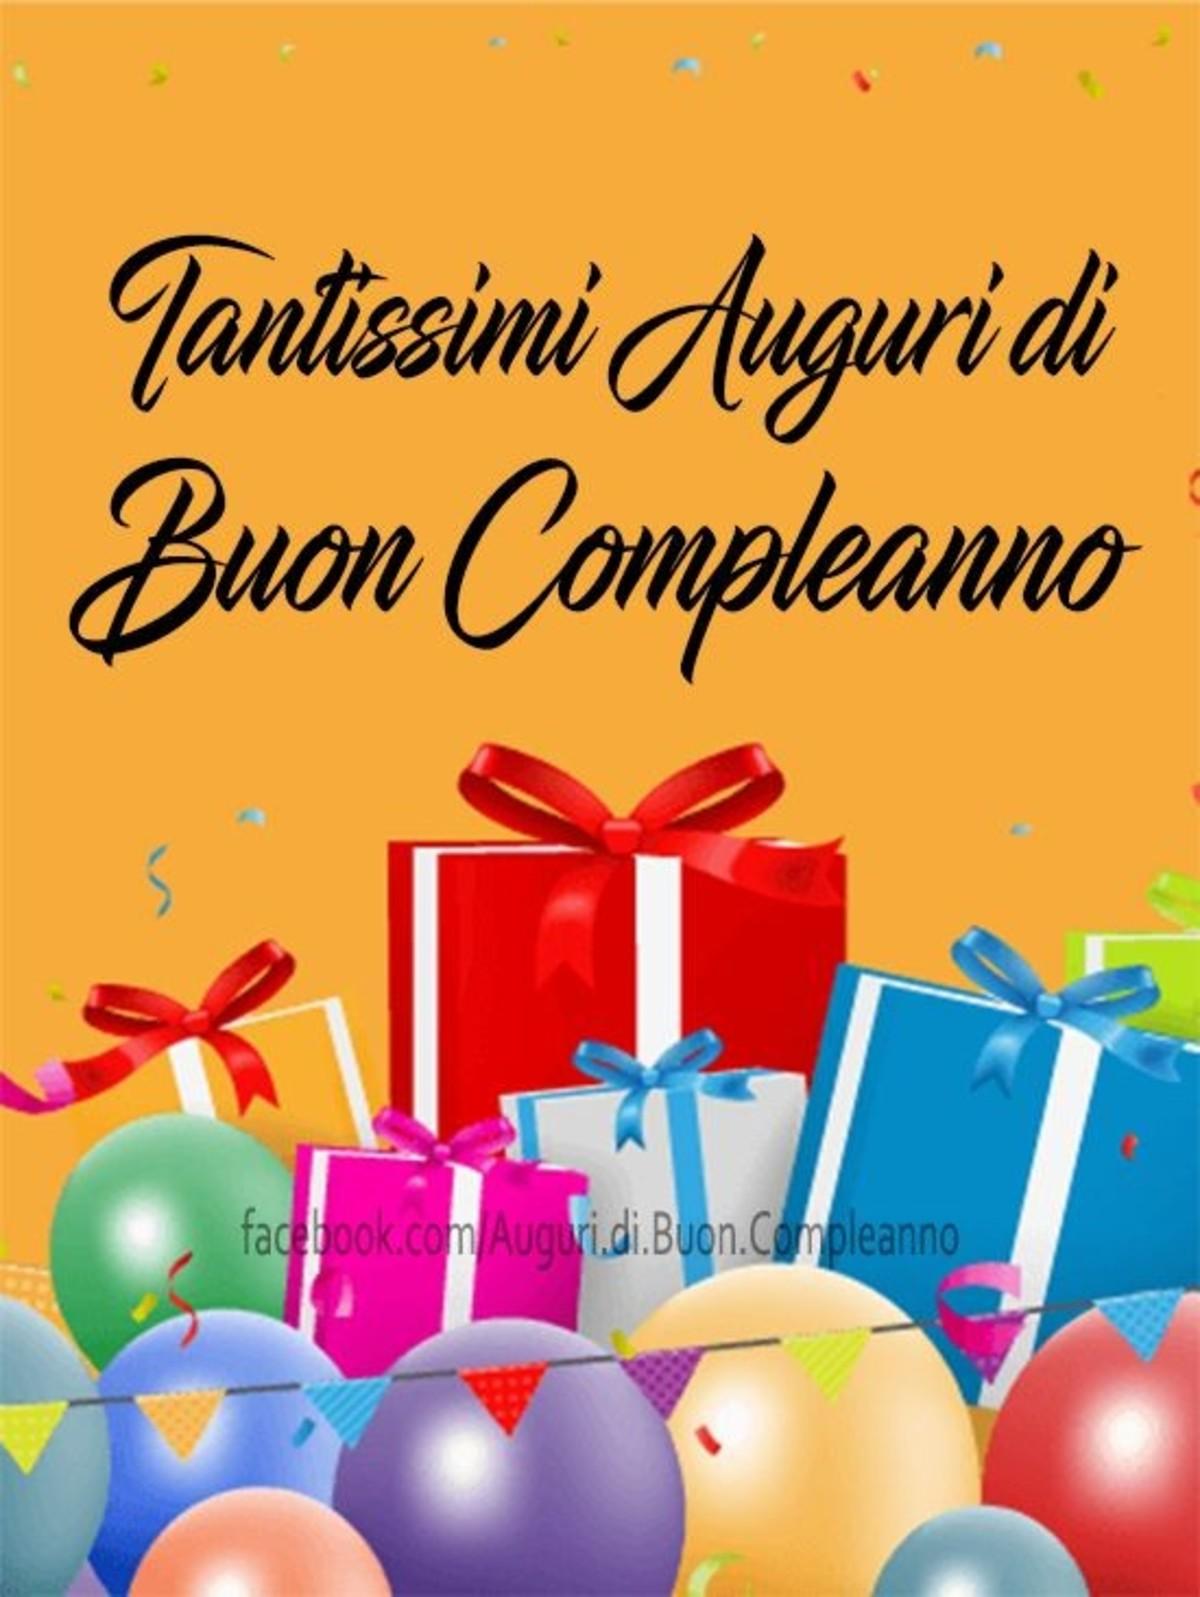 Buon Compleanno Divertente Archives Buongiornoate It